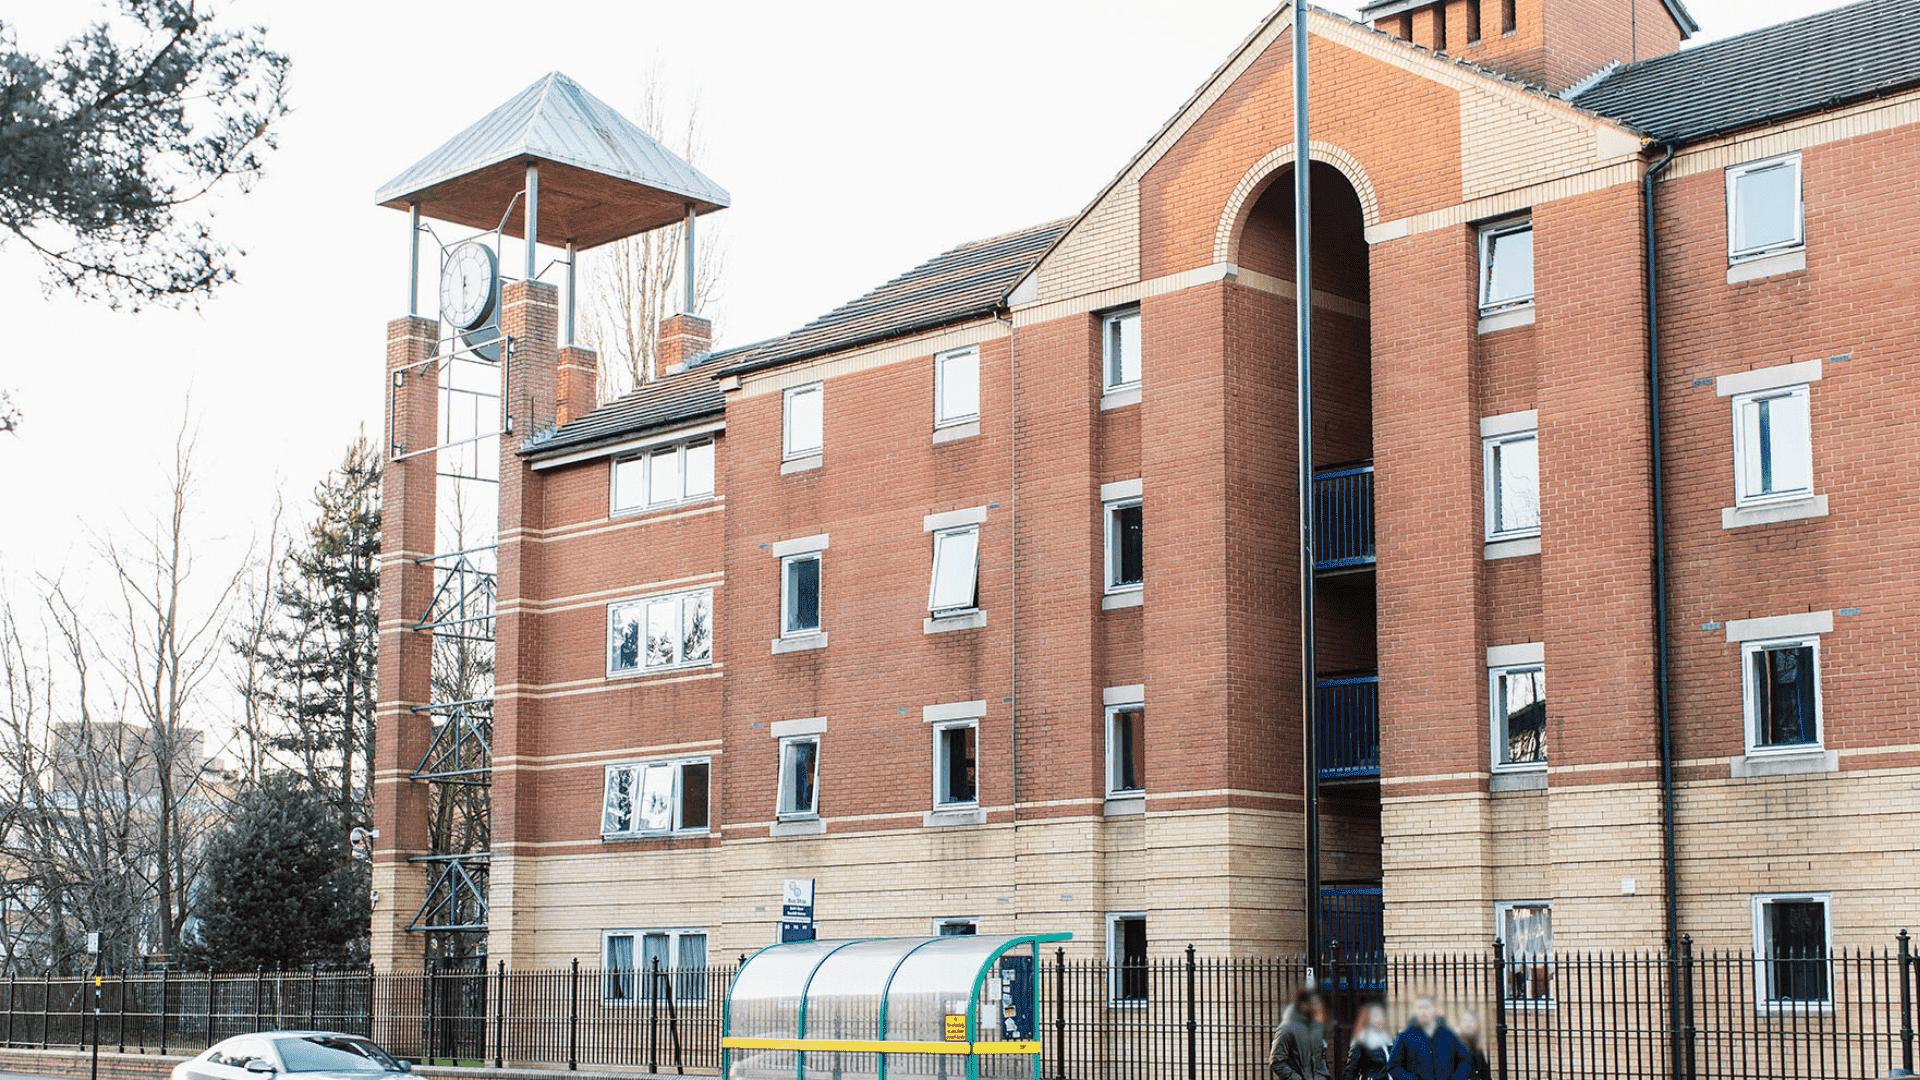 Queen's Hospital Close